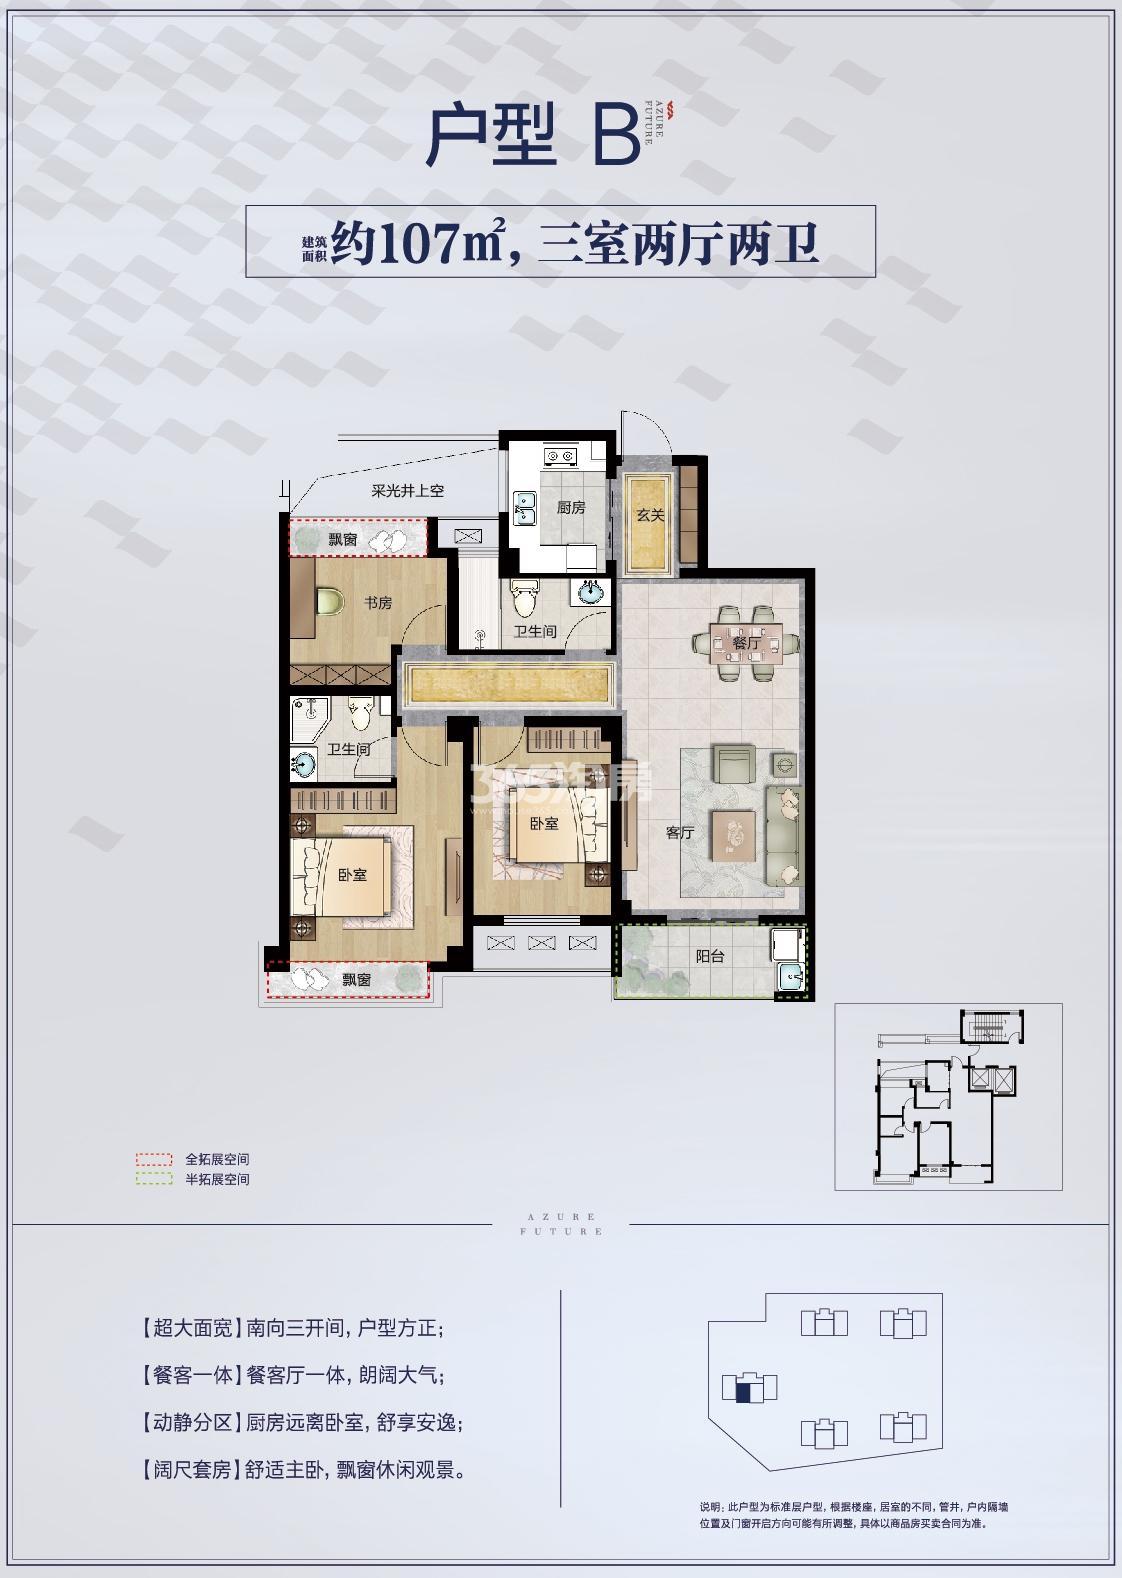 朗诗蔚蓝街区B户型107㎡(3#西中间套)